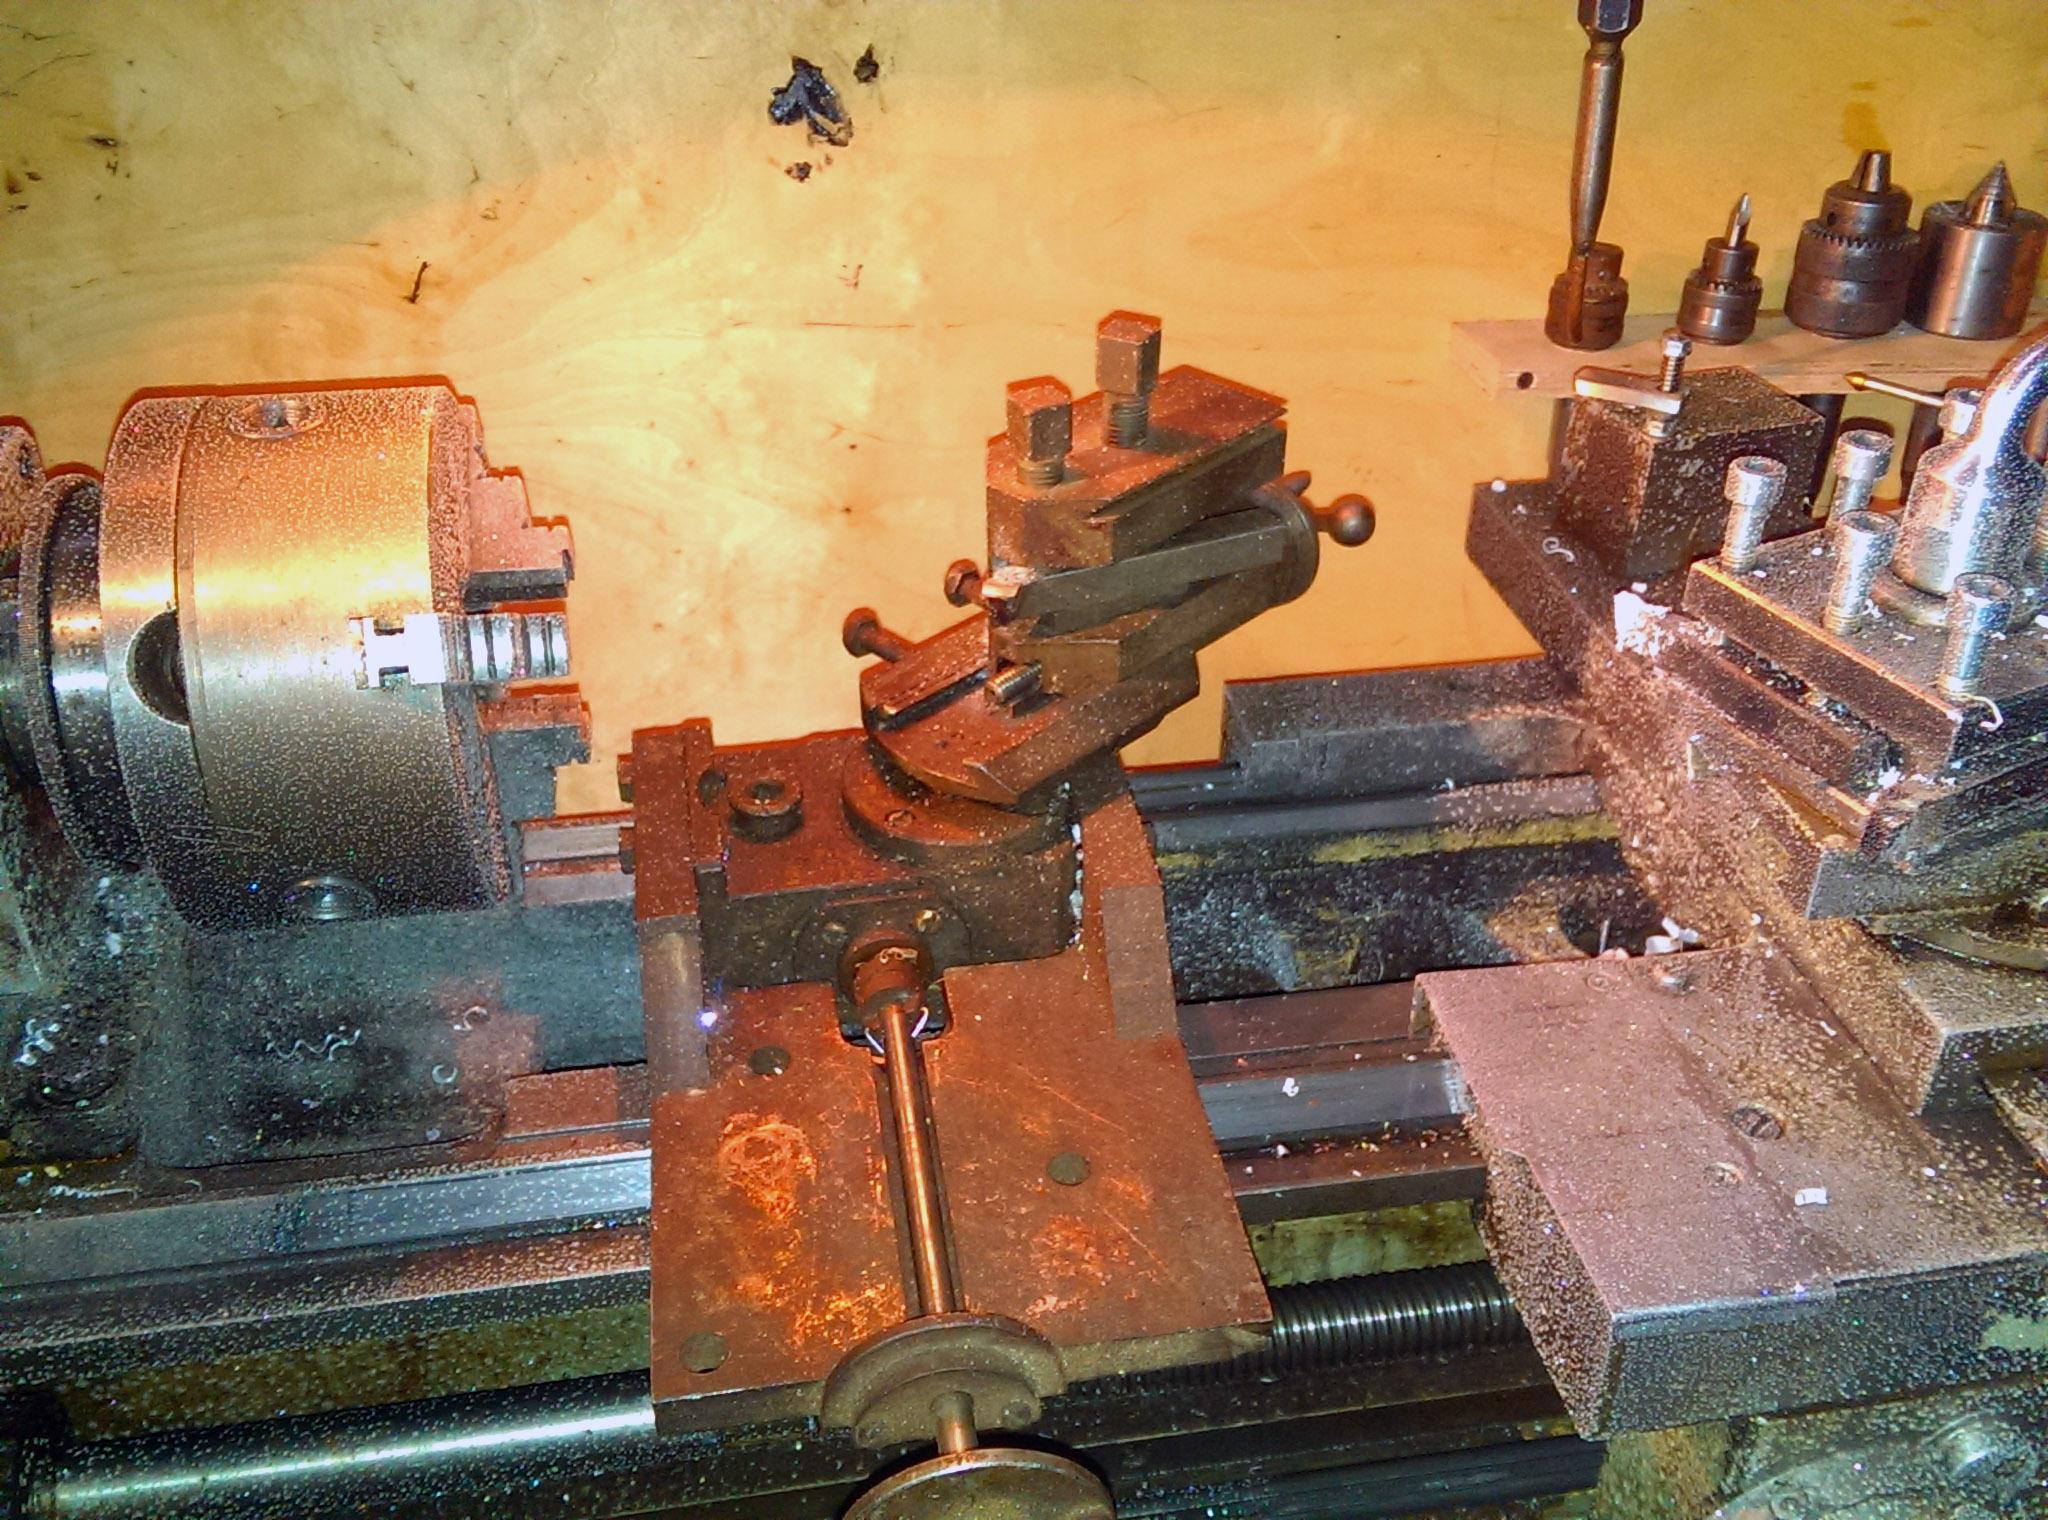 Токарный станок по металлу своими руками - 85 фото проектирования и сборки мини станка